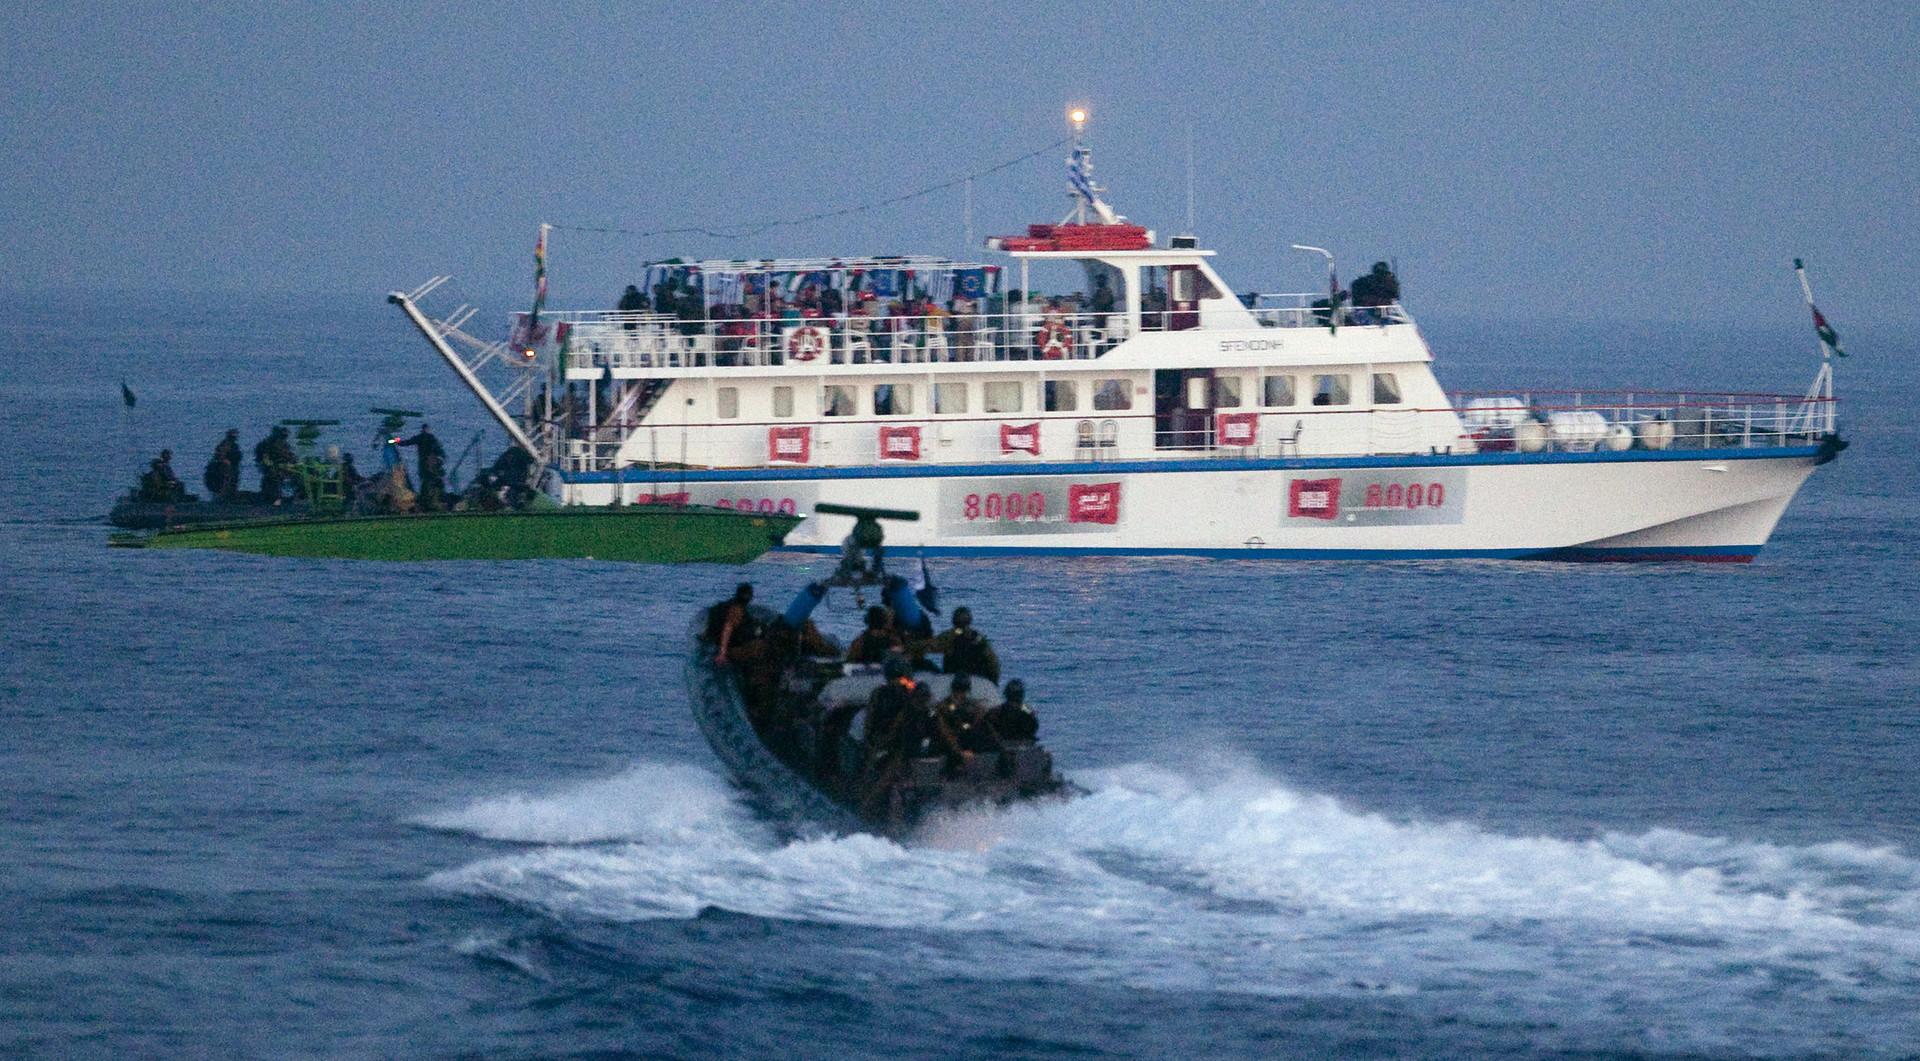 إسبانيا.. تعليق التحقيق في الهجوم الإسرائيلي على أسطول الحرية عام 2010